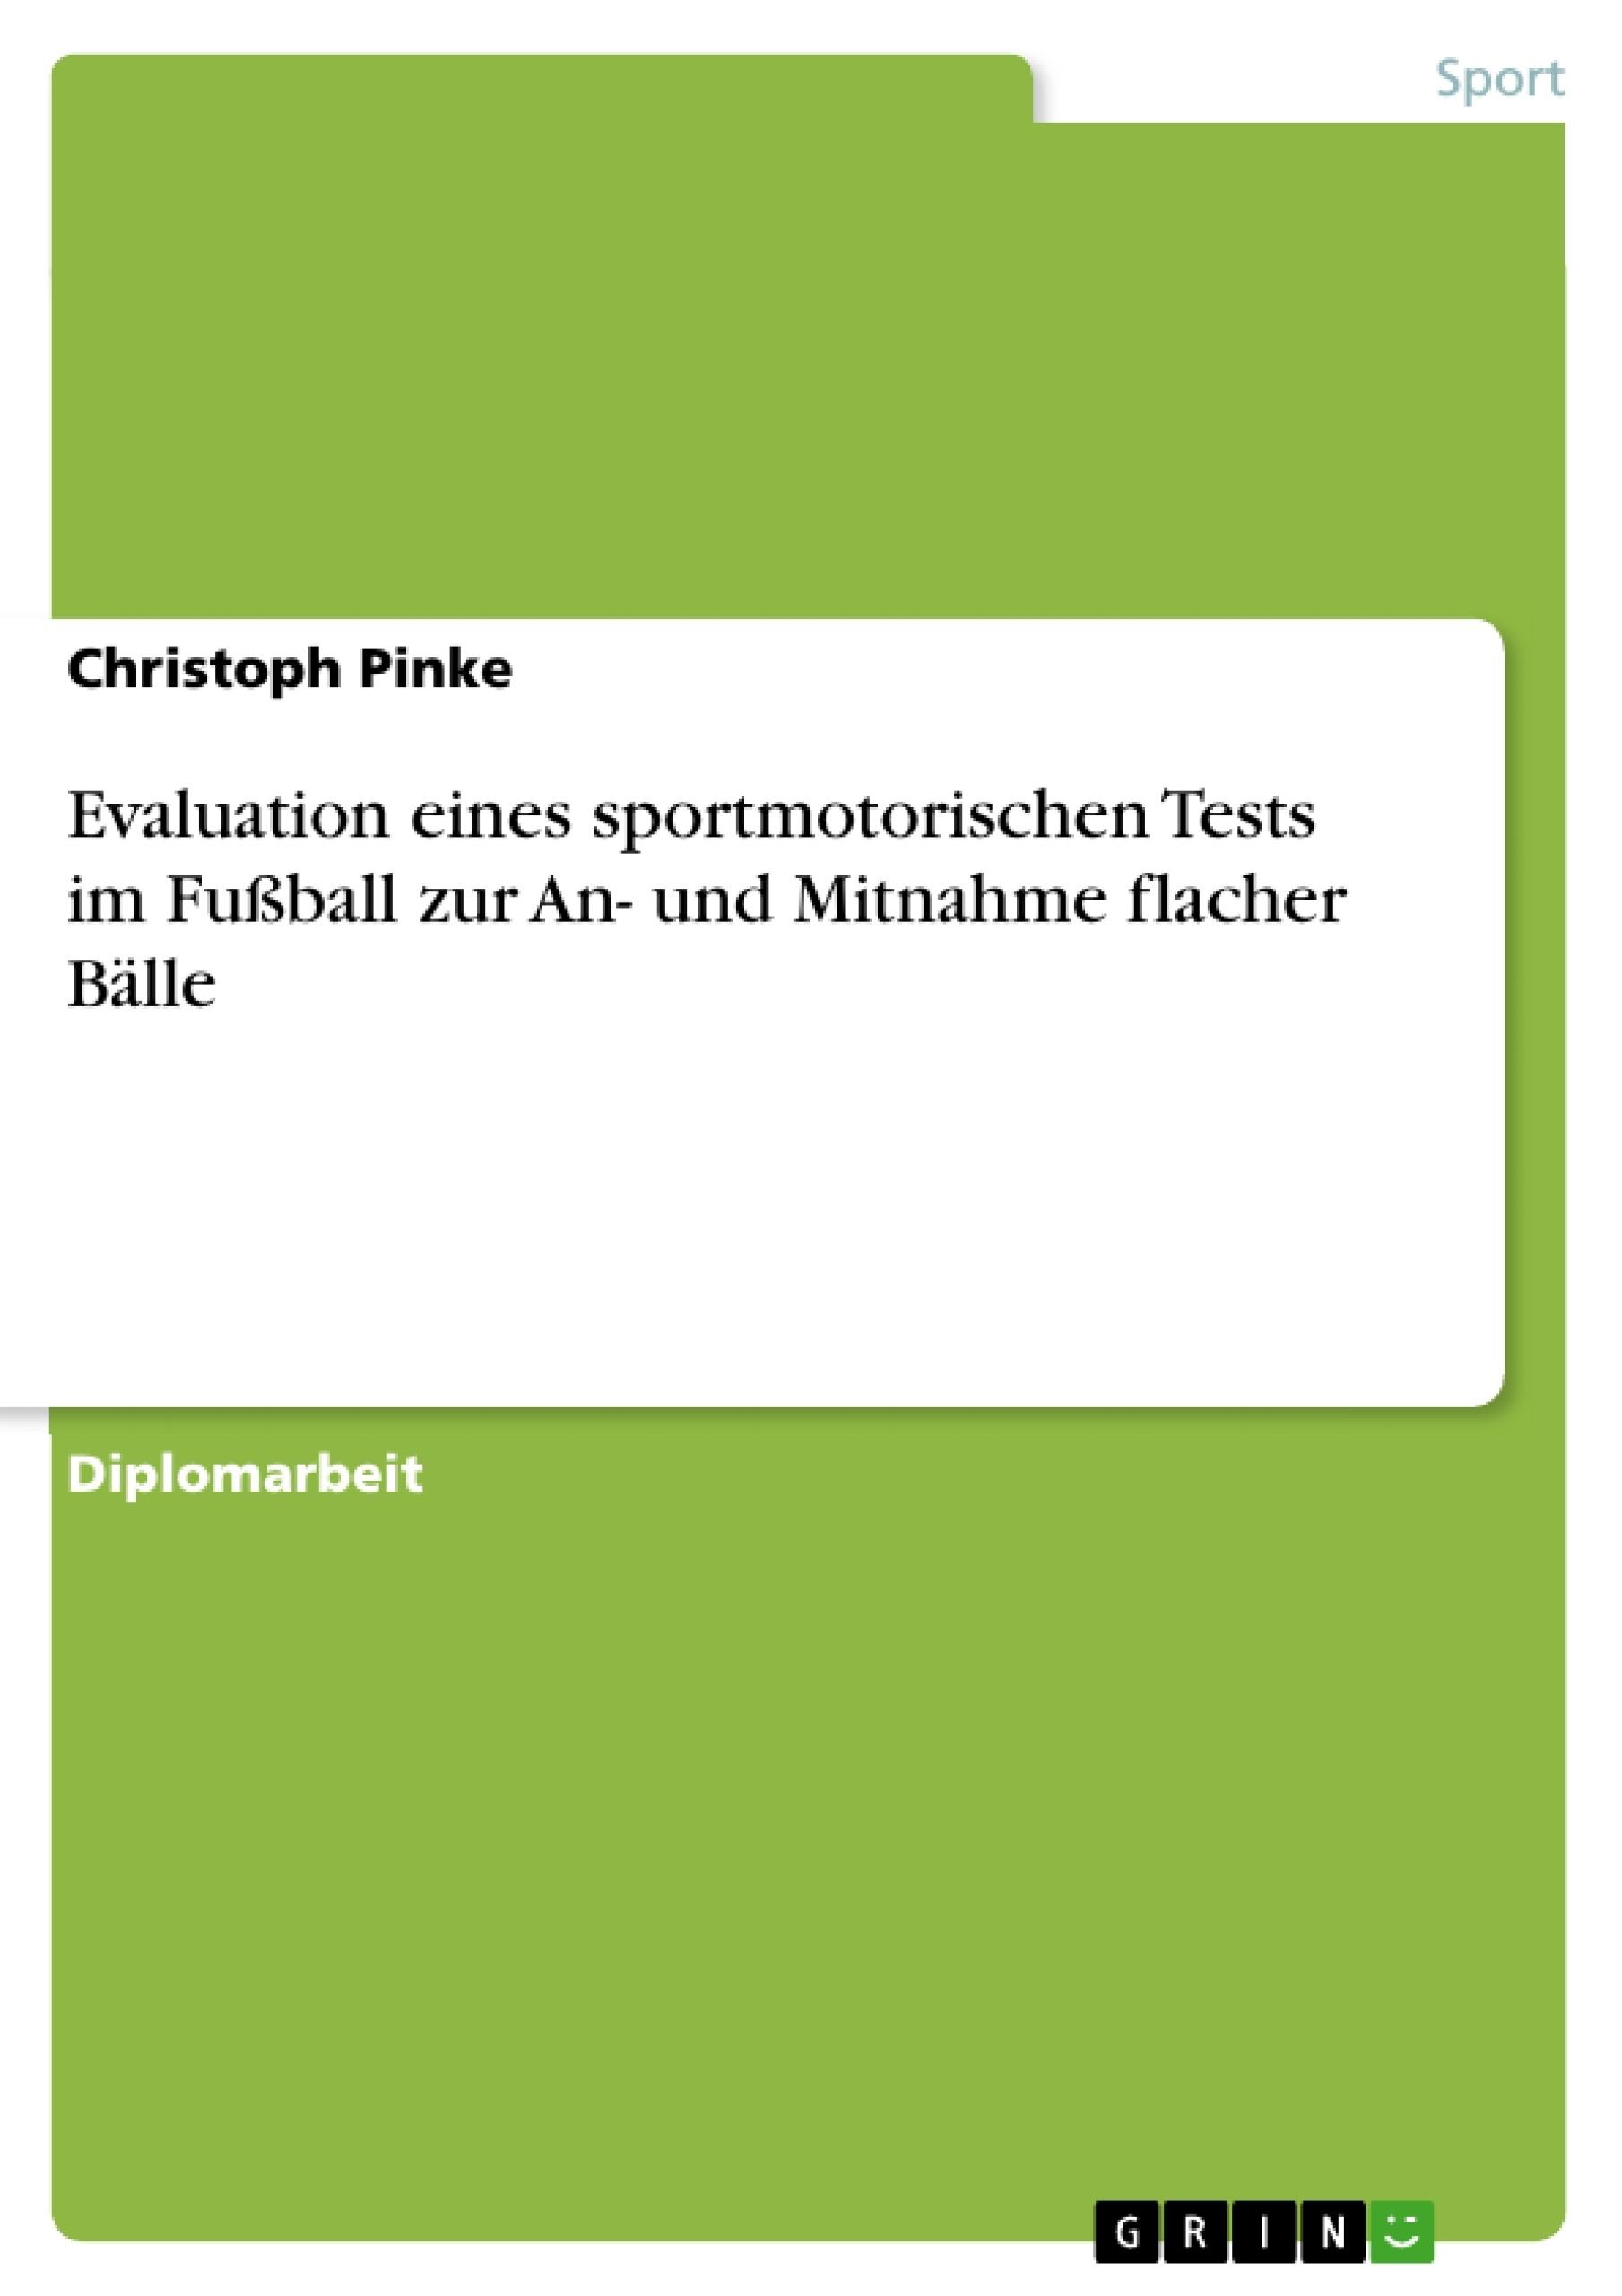 Titel: Evaluation eines sportmotorischen Tests im Fußball zur An- und Mitnahme flacher Bälle